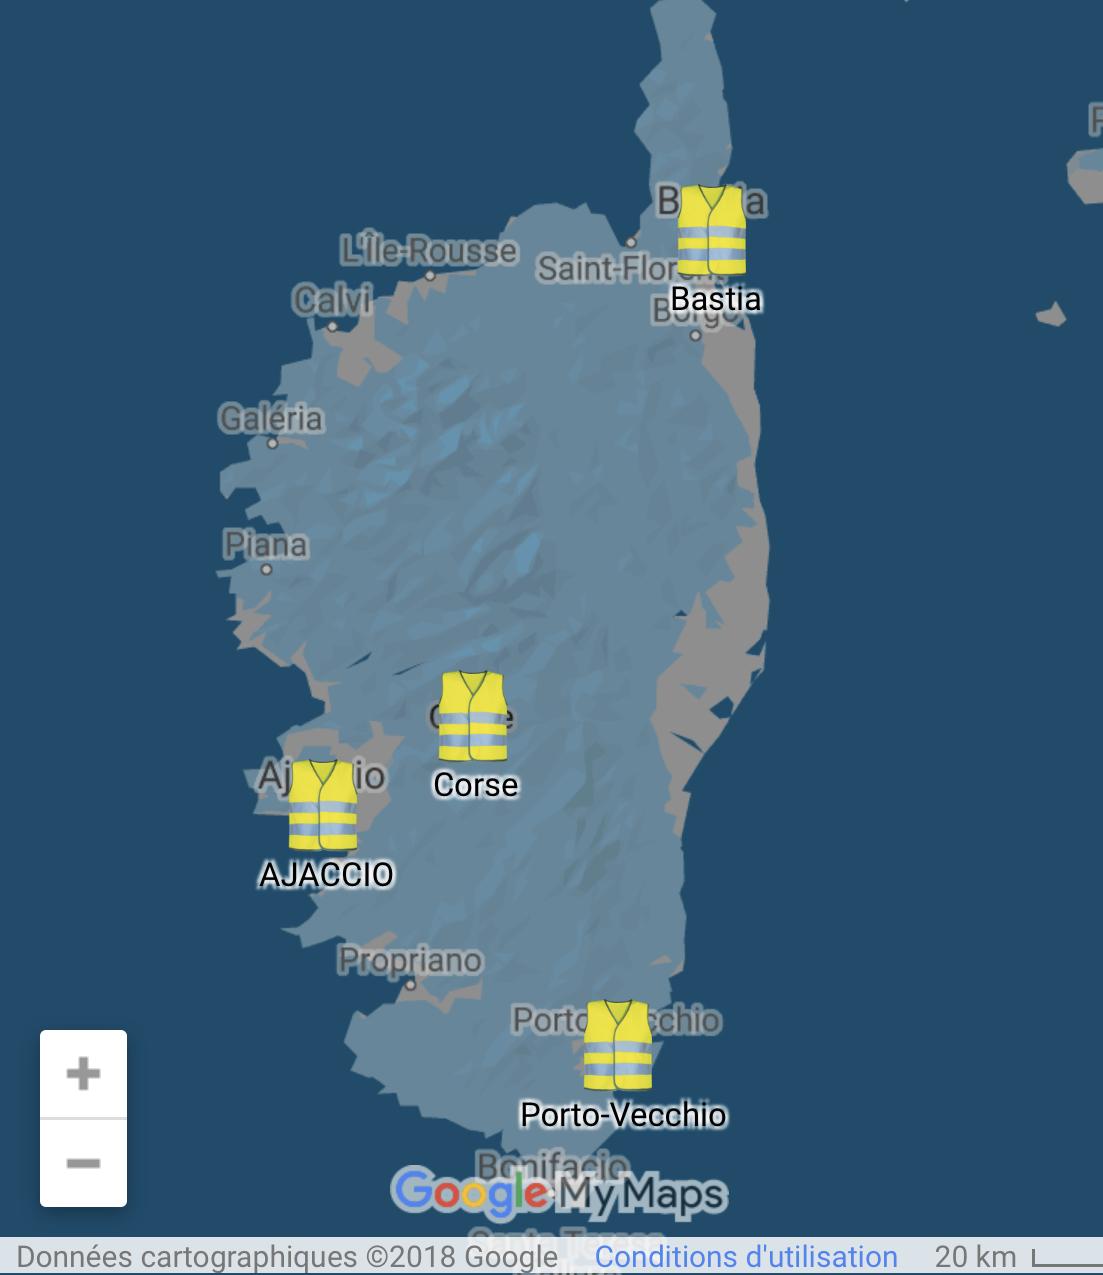 Carte Corse Marignana.17 Novembre Ou Seront Les Gilets Jaunes En Corse La